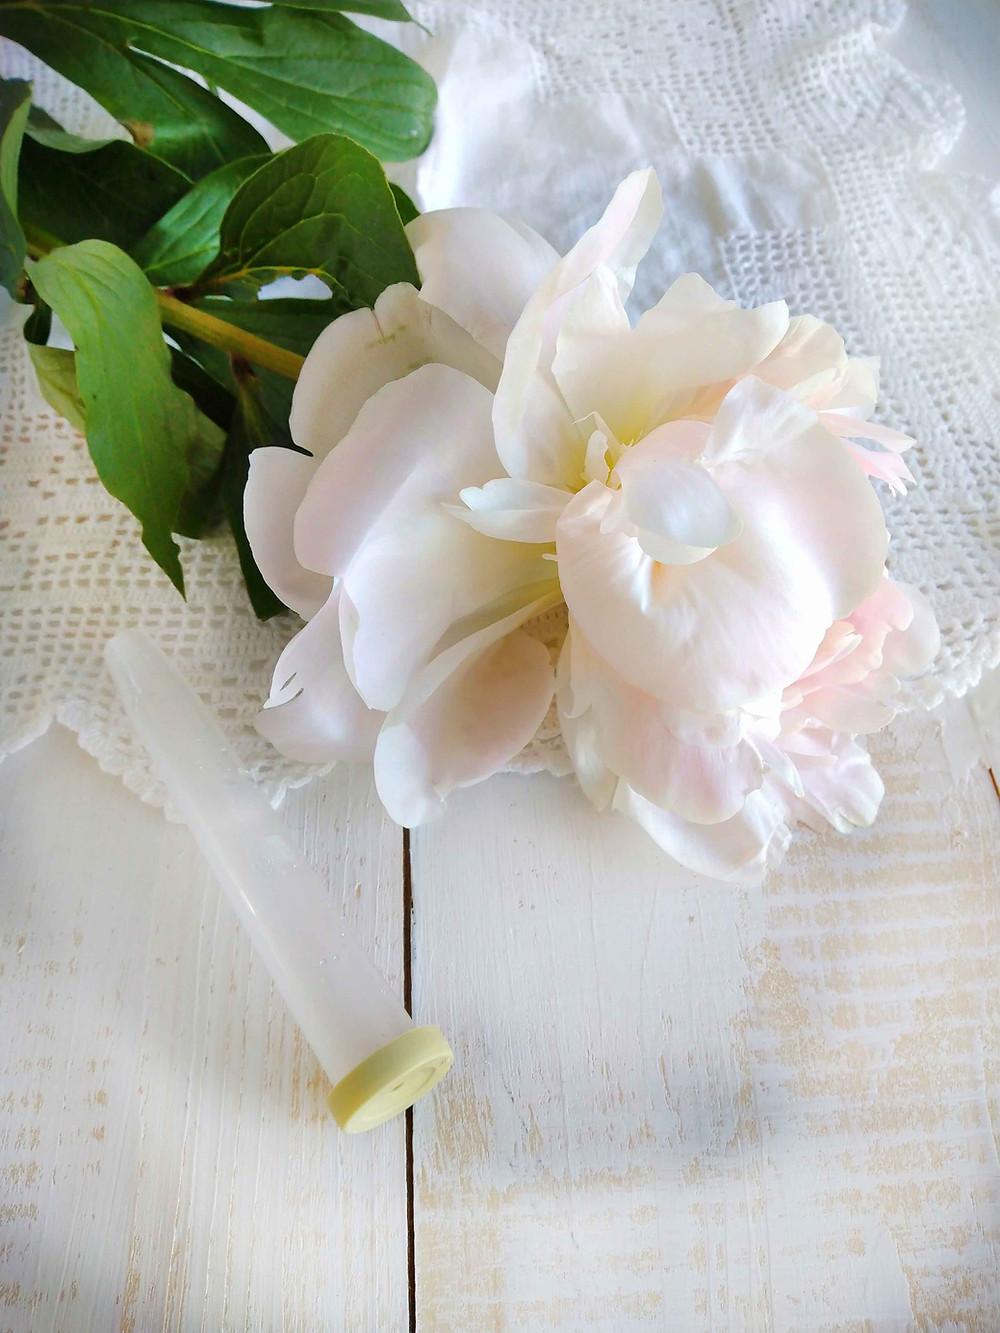 Voit kätkeä suurimman kukan varren vesitulpan kanssa kakun uumeniin. Kakun koristelu.